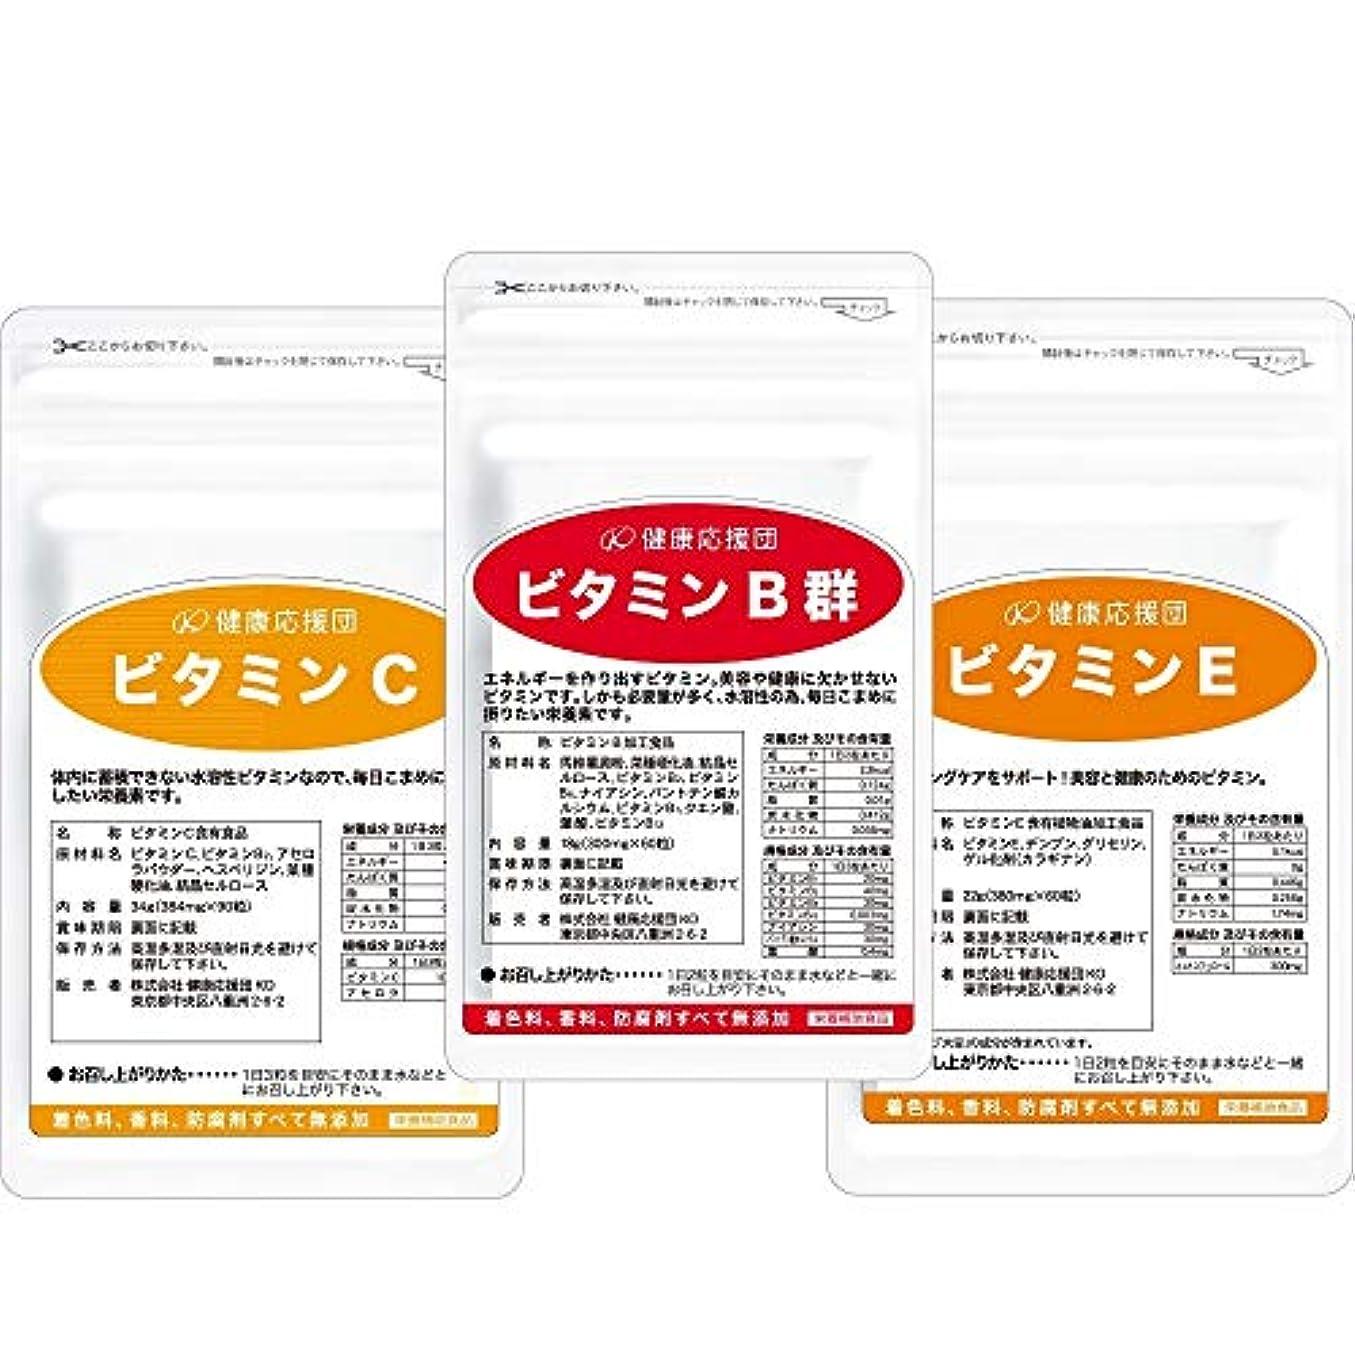 ビタミントリプルセット ビタミンC + ビタミンB + ビタミンE (イギリス産ビタミンC?ビタミンB群?天然ビタミンE)